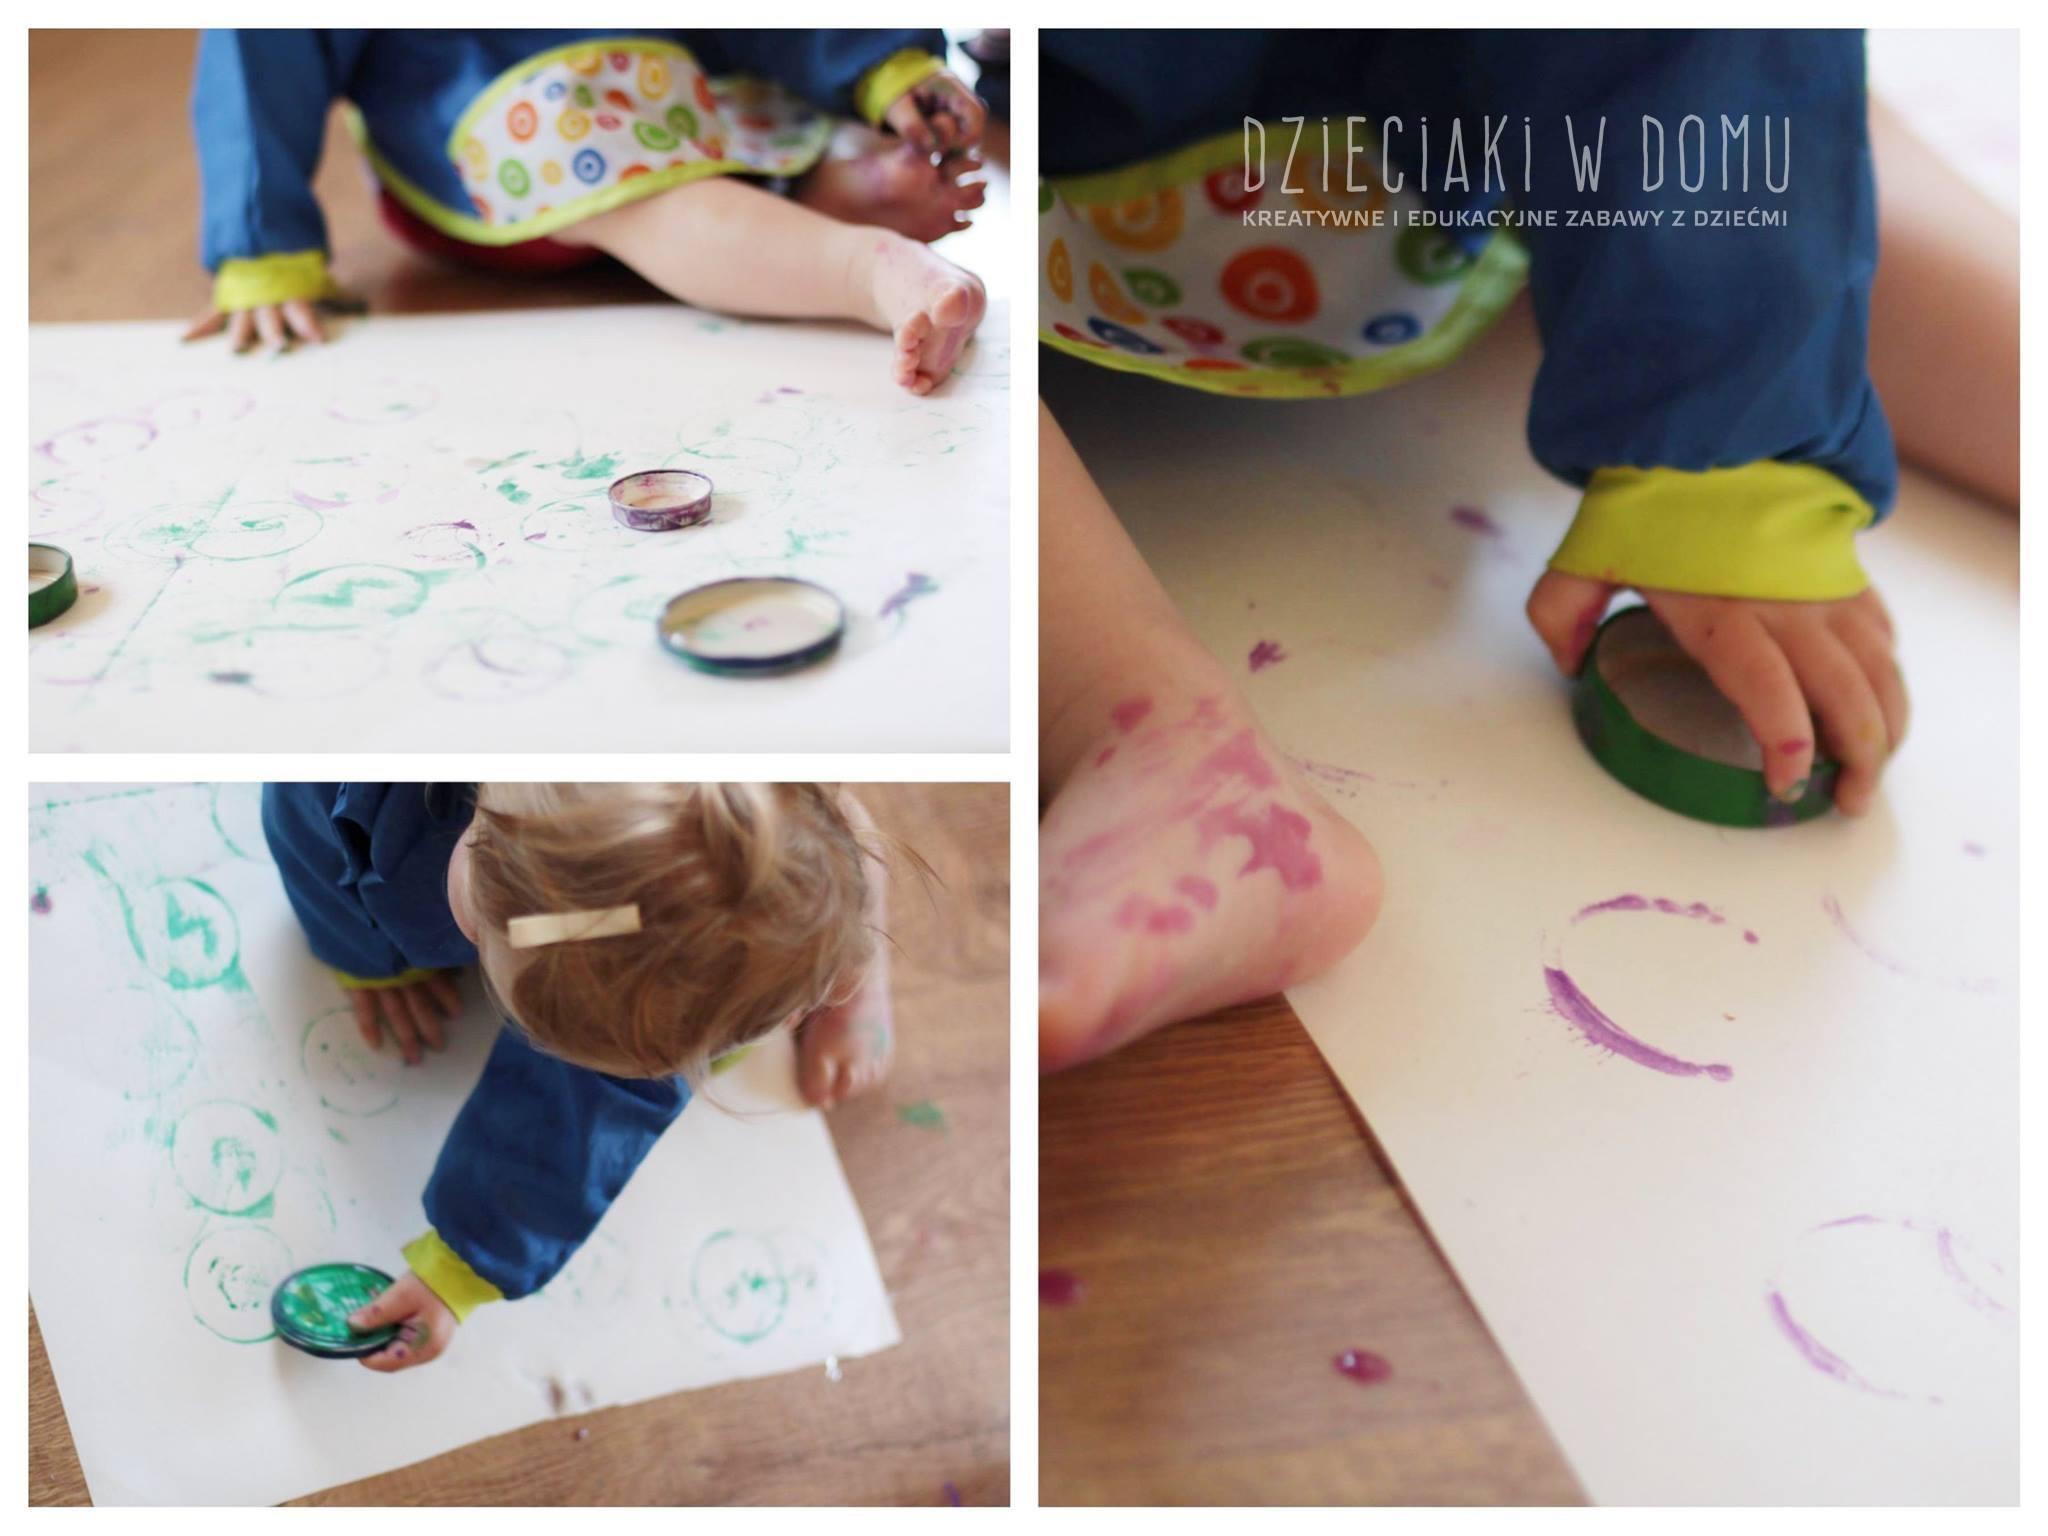 malowanie pokrywkami - kreatywna zabawa dla dzieci